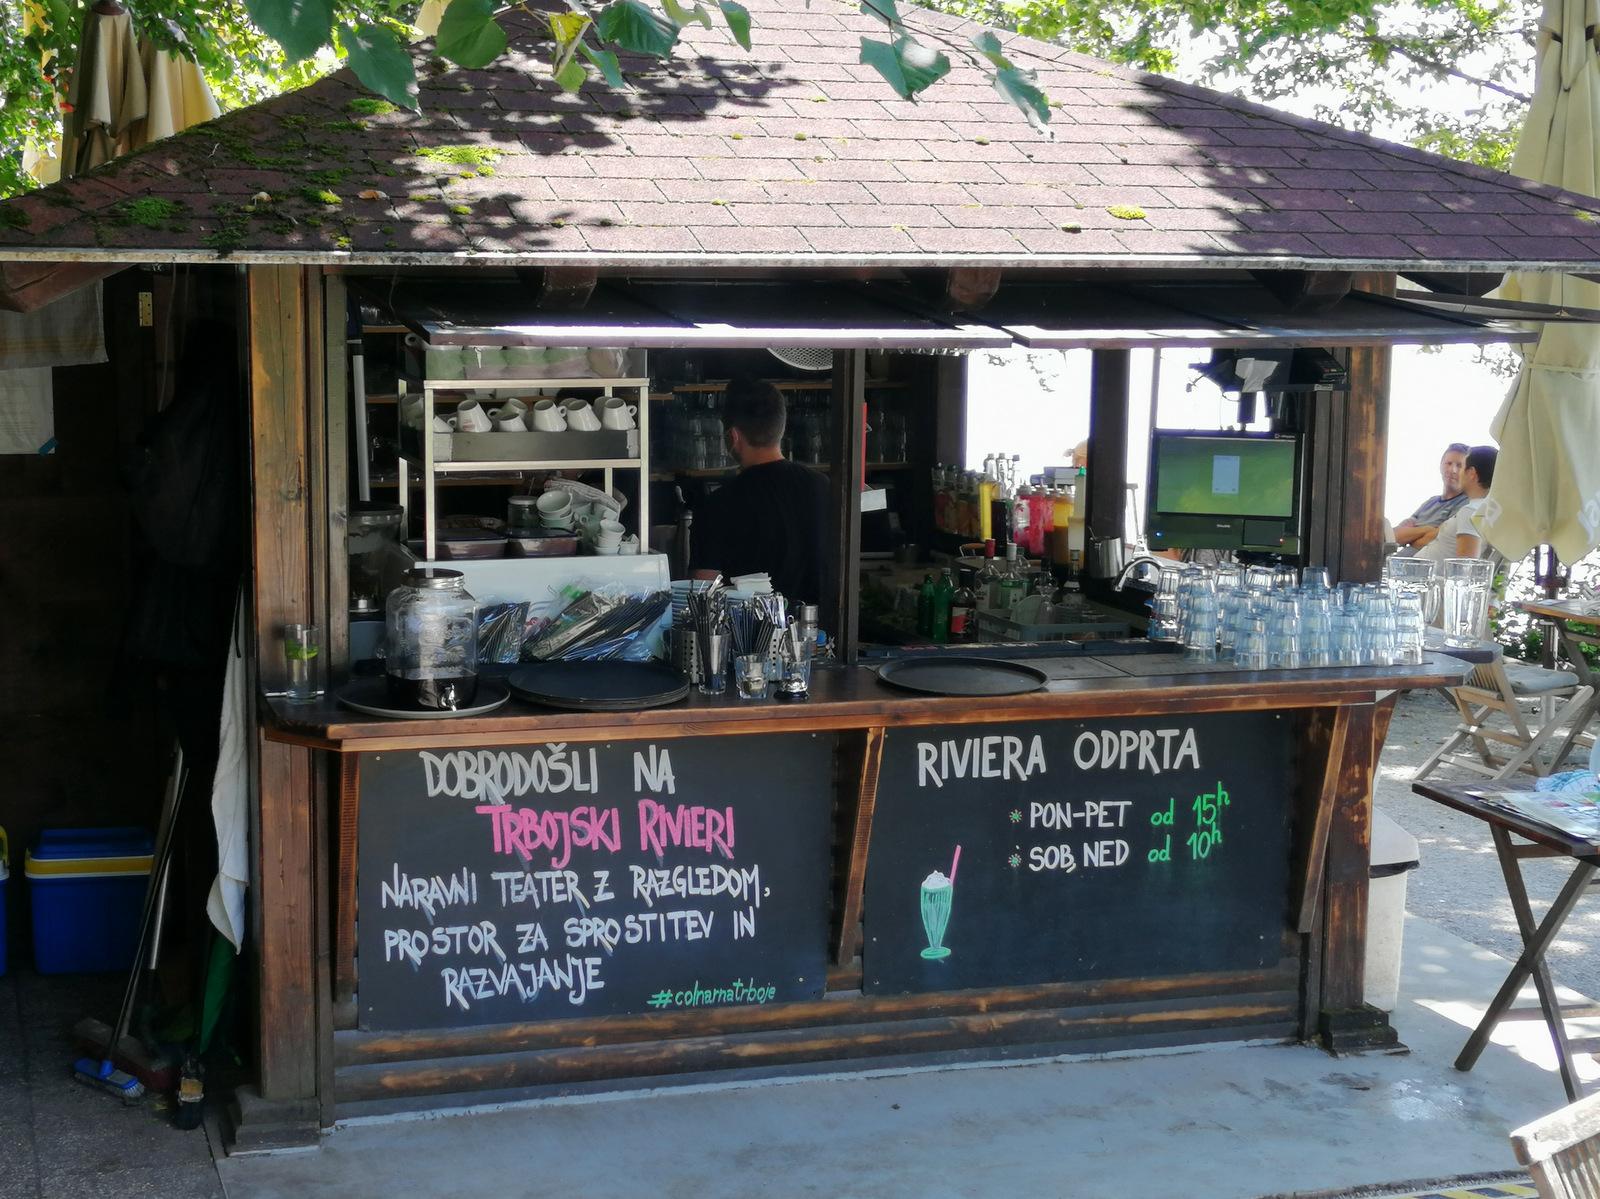 Trbojsko jezero, kavarna